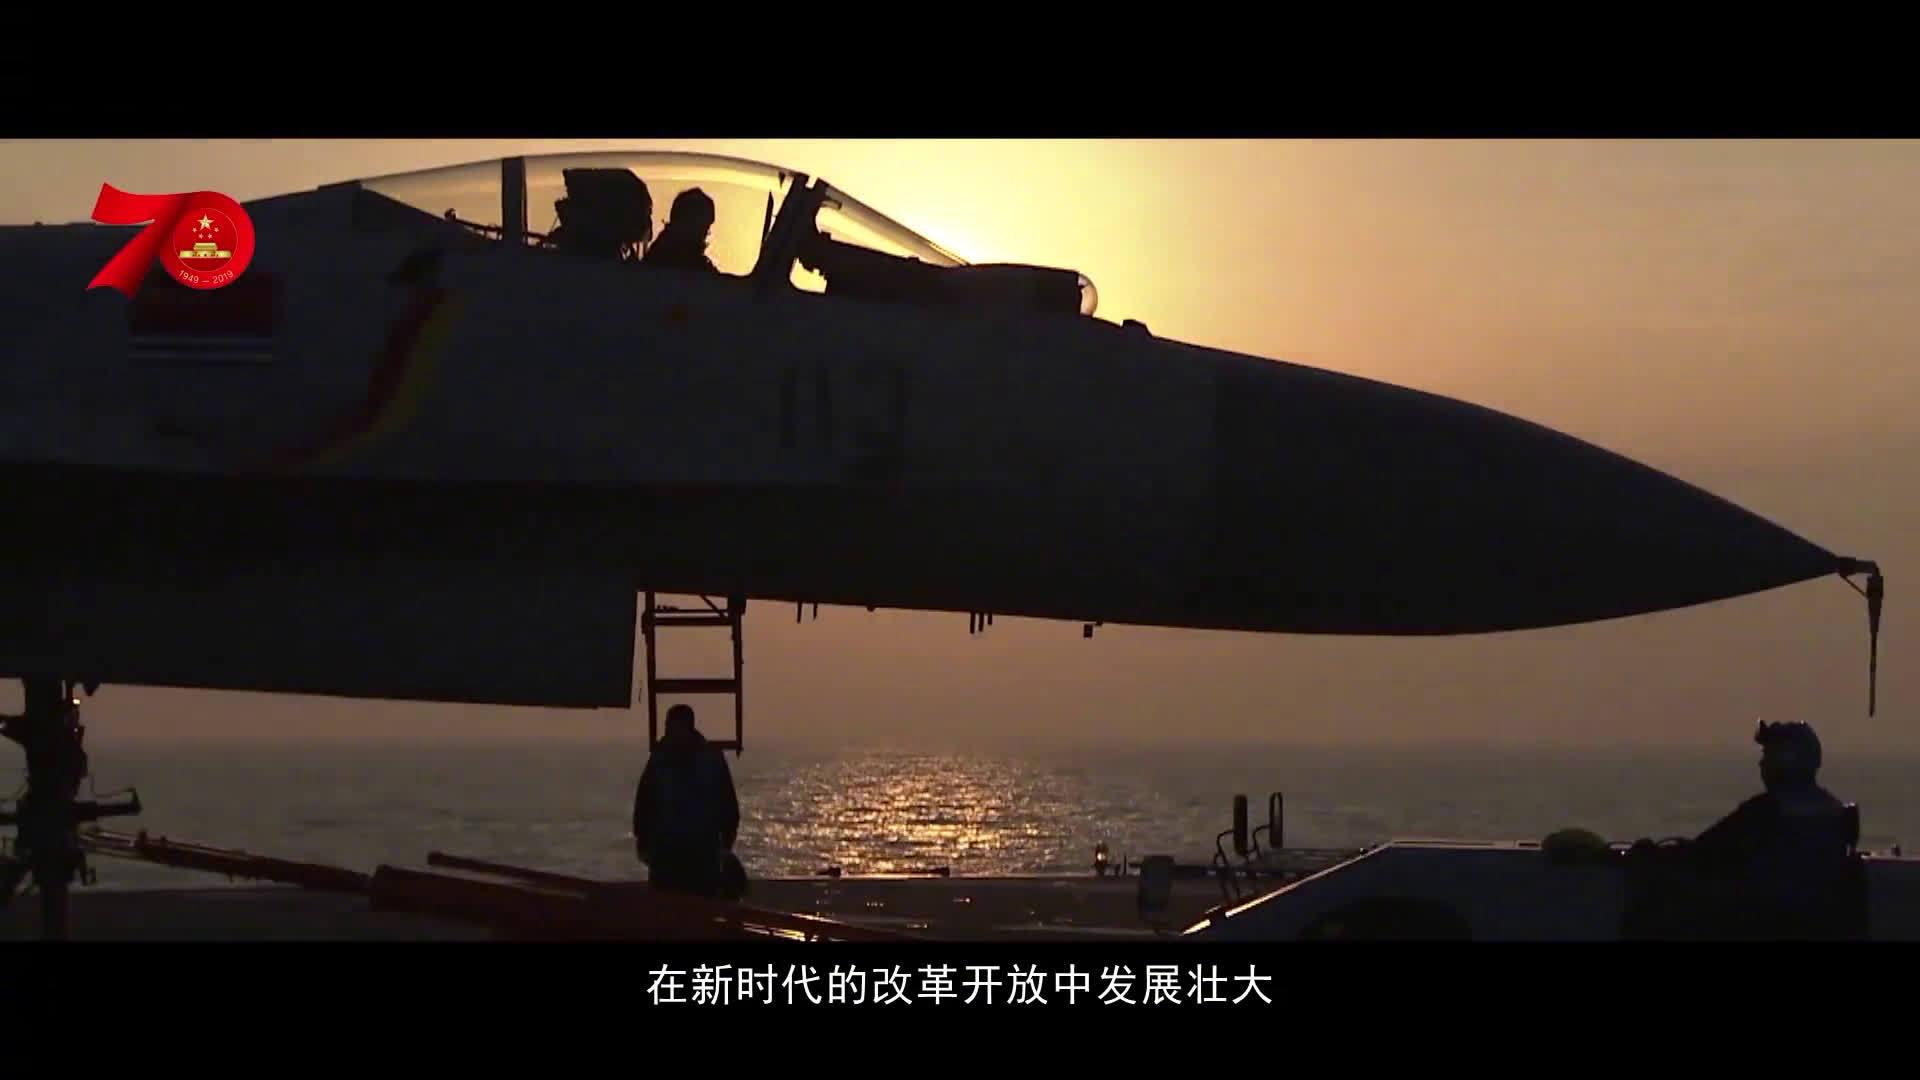 航空工业发布《筑梦长空》系列专题片第一集《航空报国》,歼10C